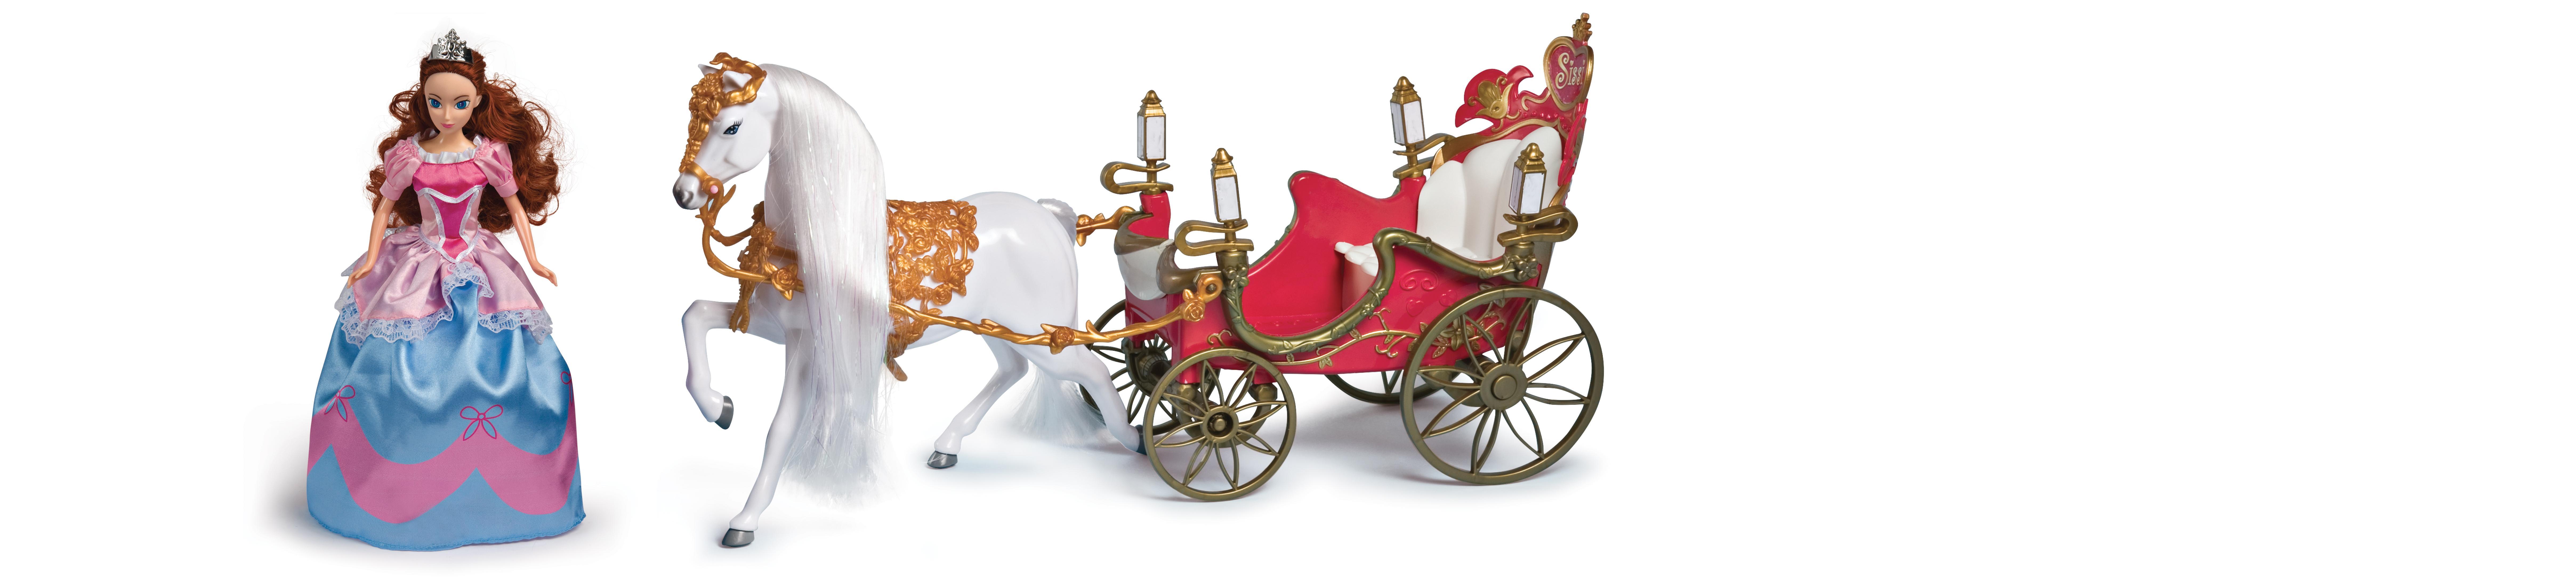 Grandi giochi gg bambola sissi con carrozza amazon